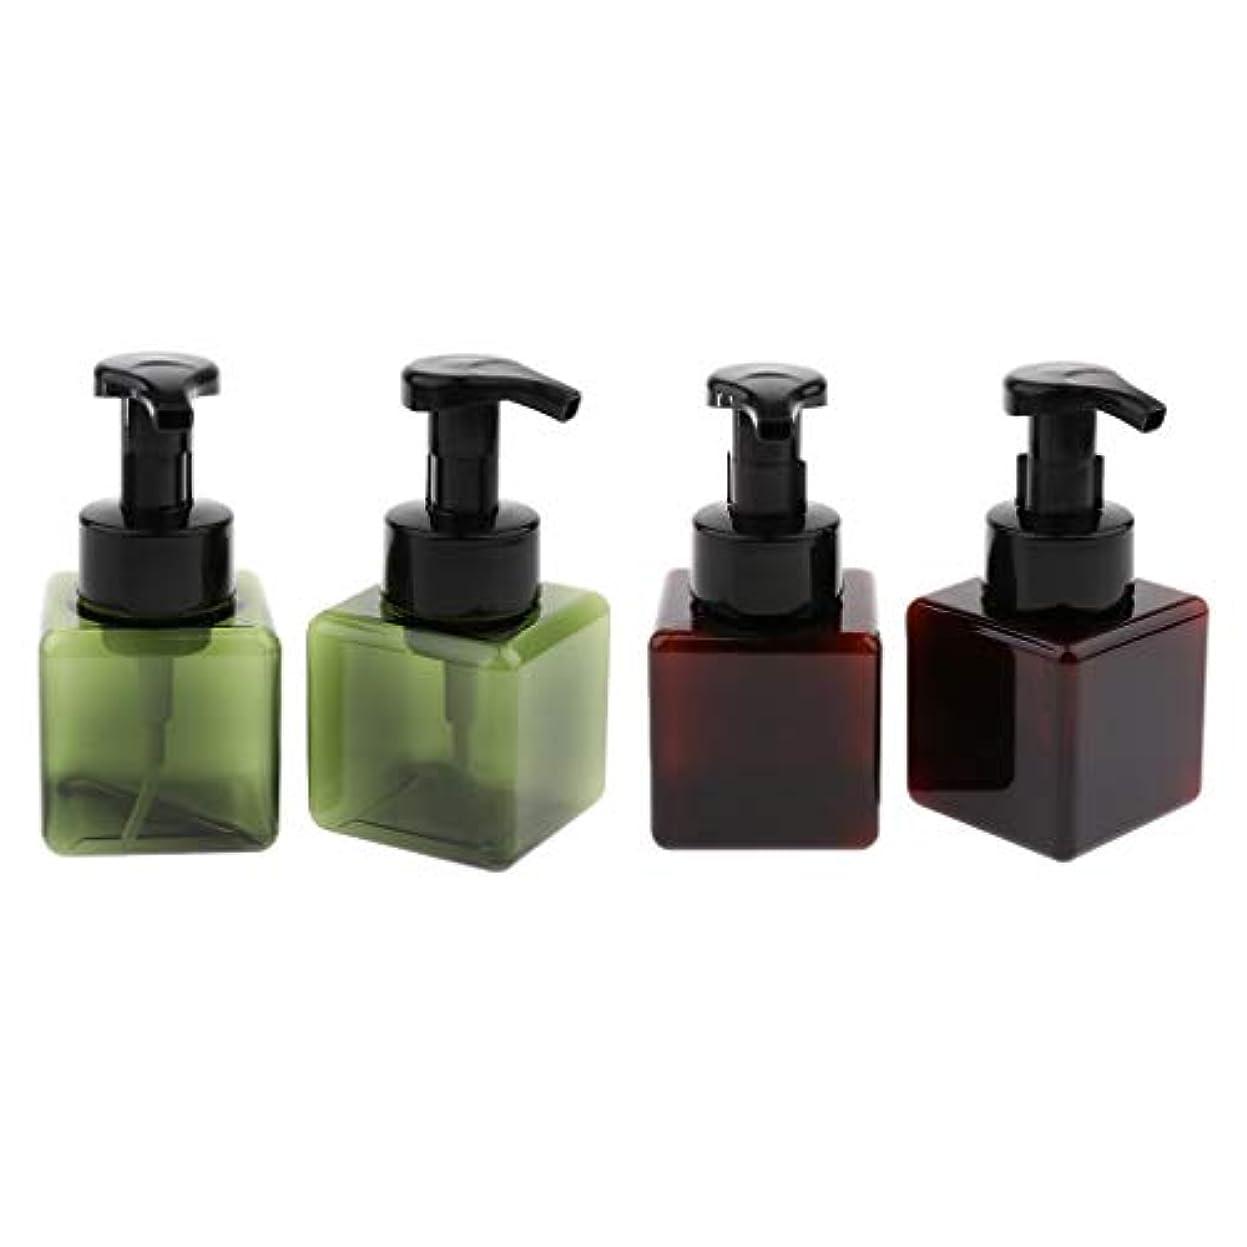 キラウエア山ヒントはがきHellery 4個入り詰め替え容器 泡ポンプボトル 小分けボトル ディスペンサー スクエア 再利用可 250ml 全5色 - ダークグリーン+ブラウン